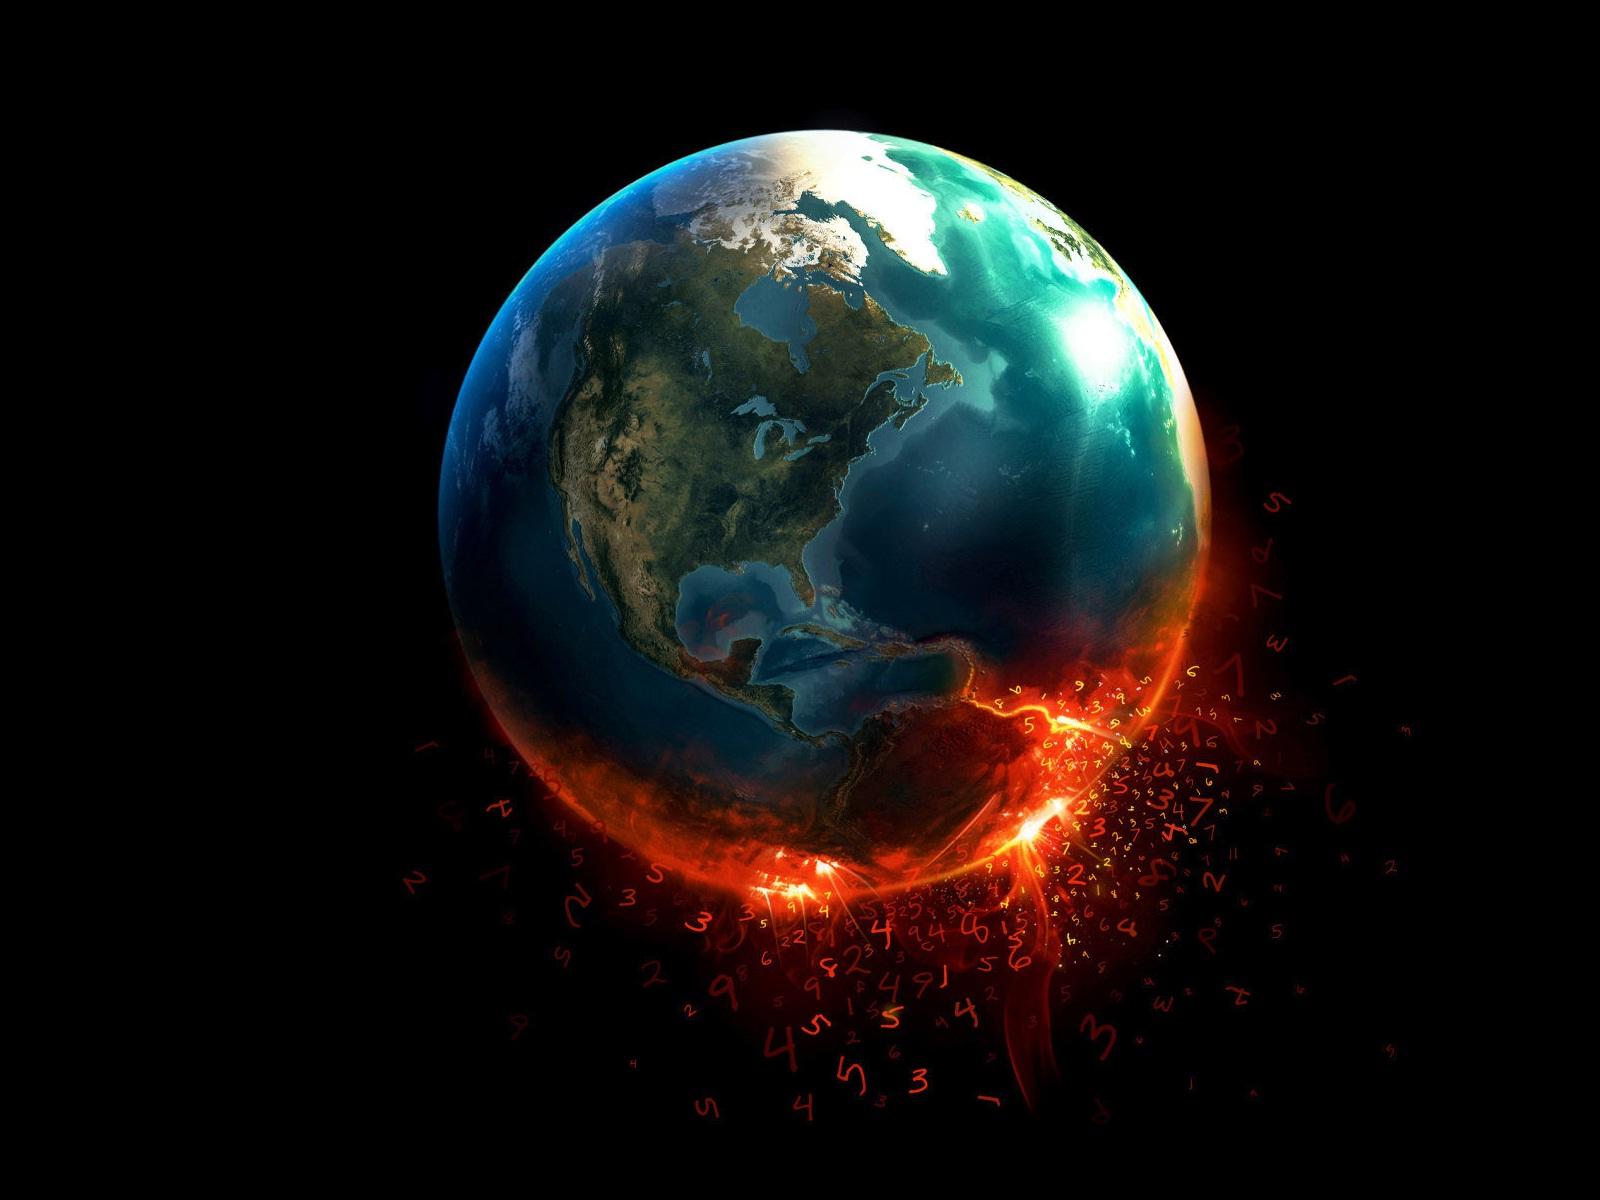 Hình ảnh Trái Đất tươi đẹp